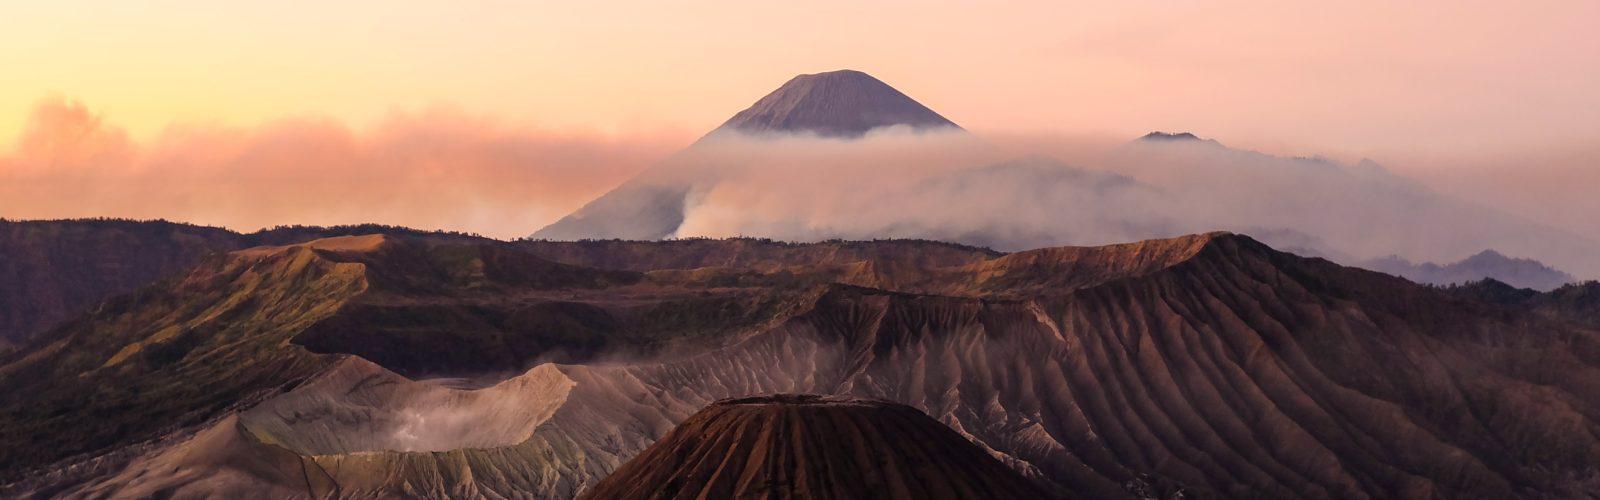 Landscape of Mount Bromo National Park Indonesia